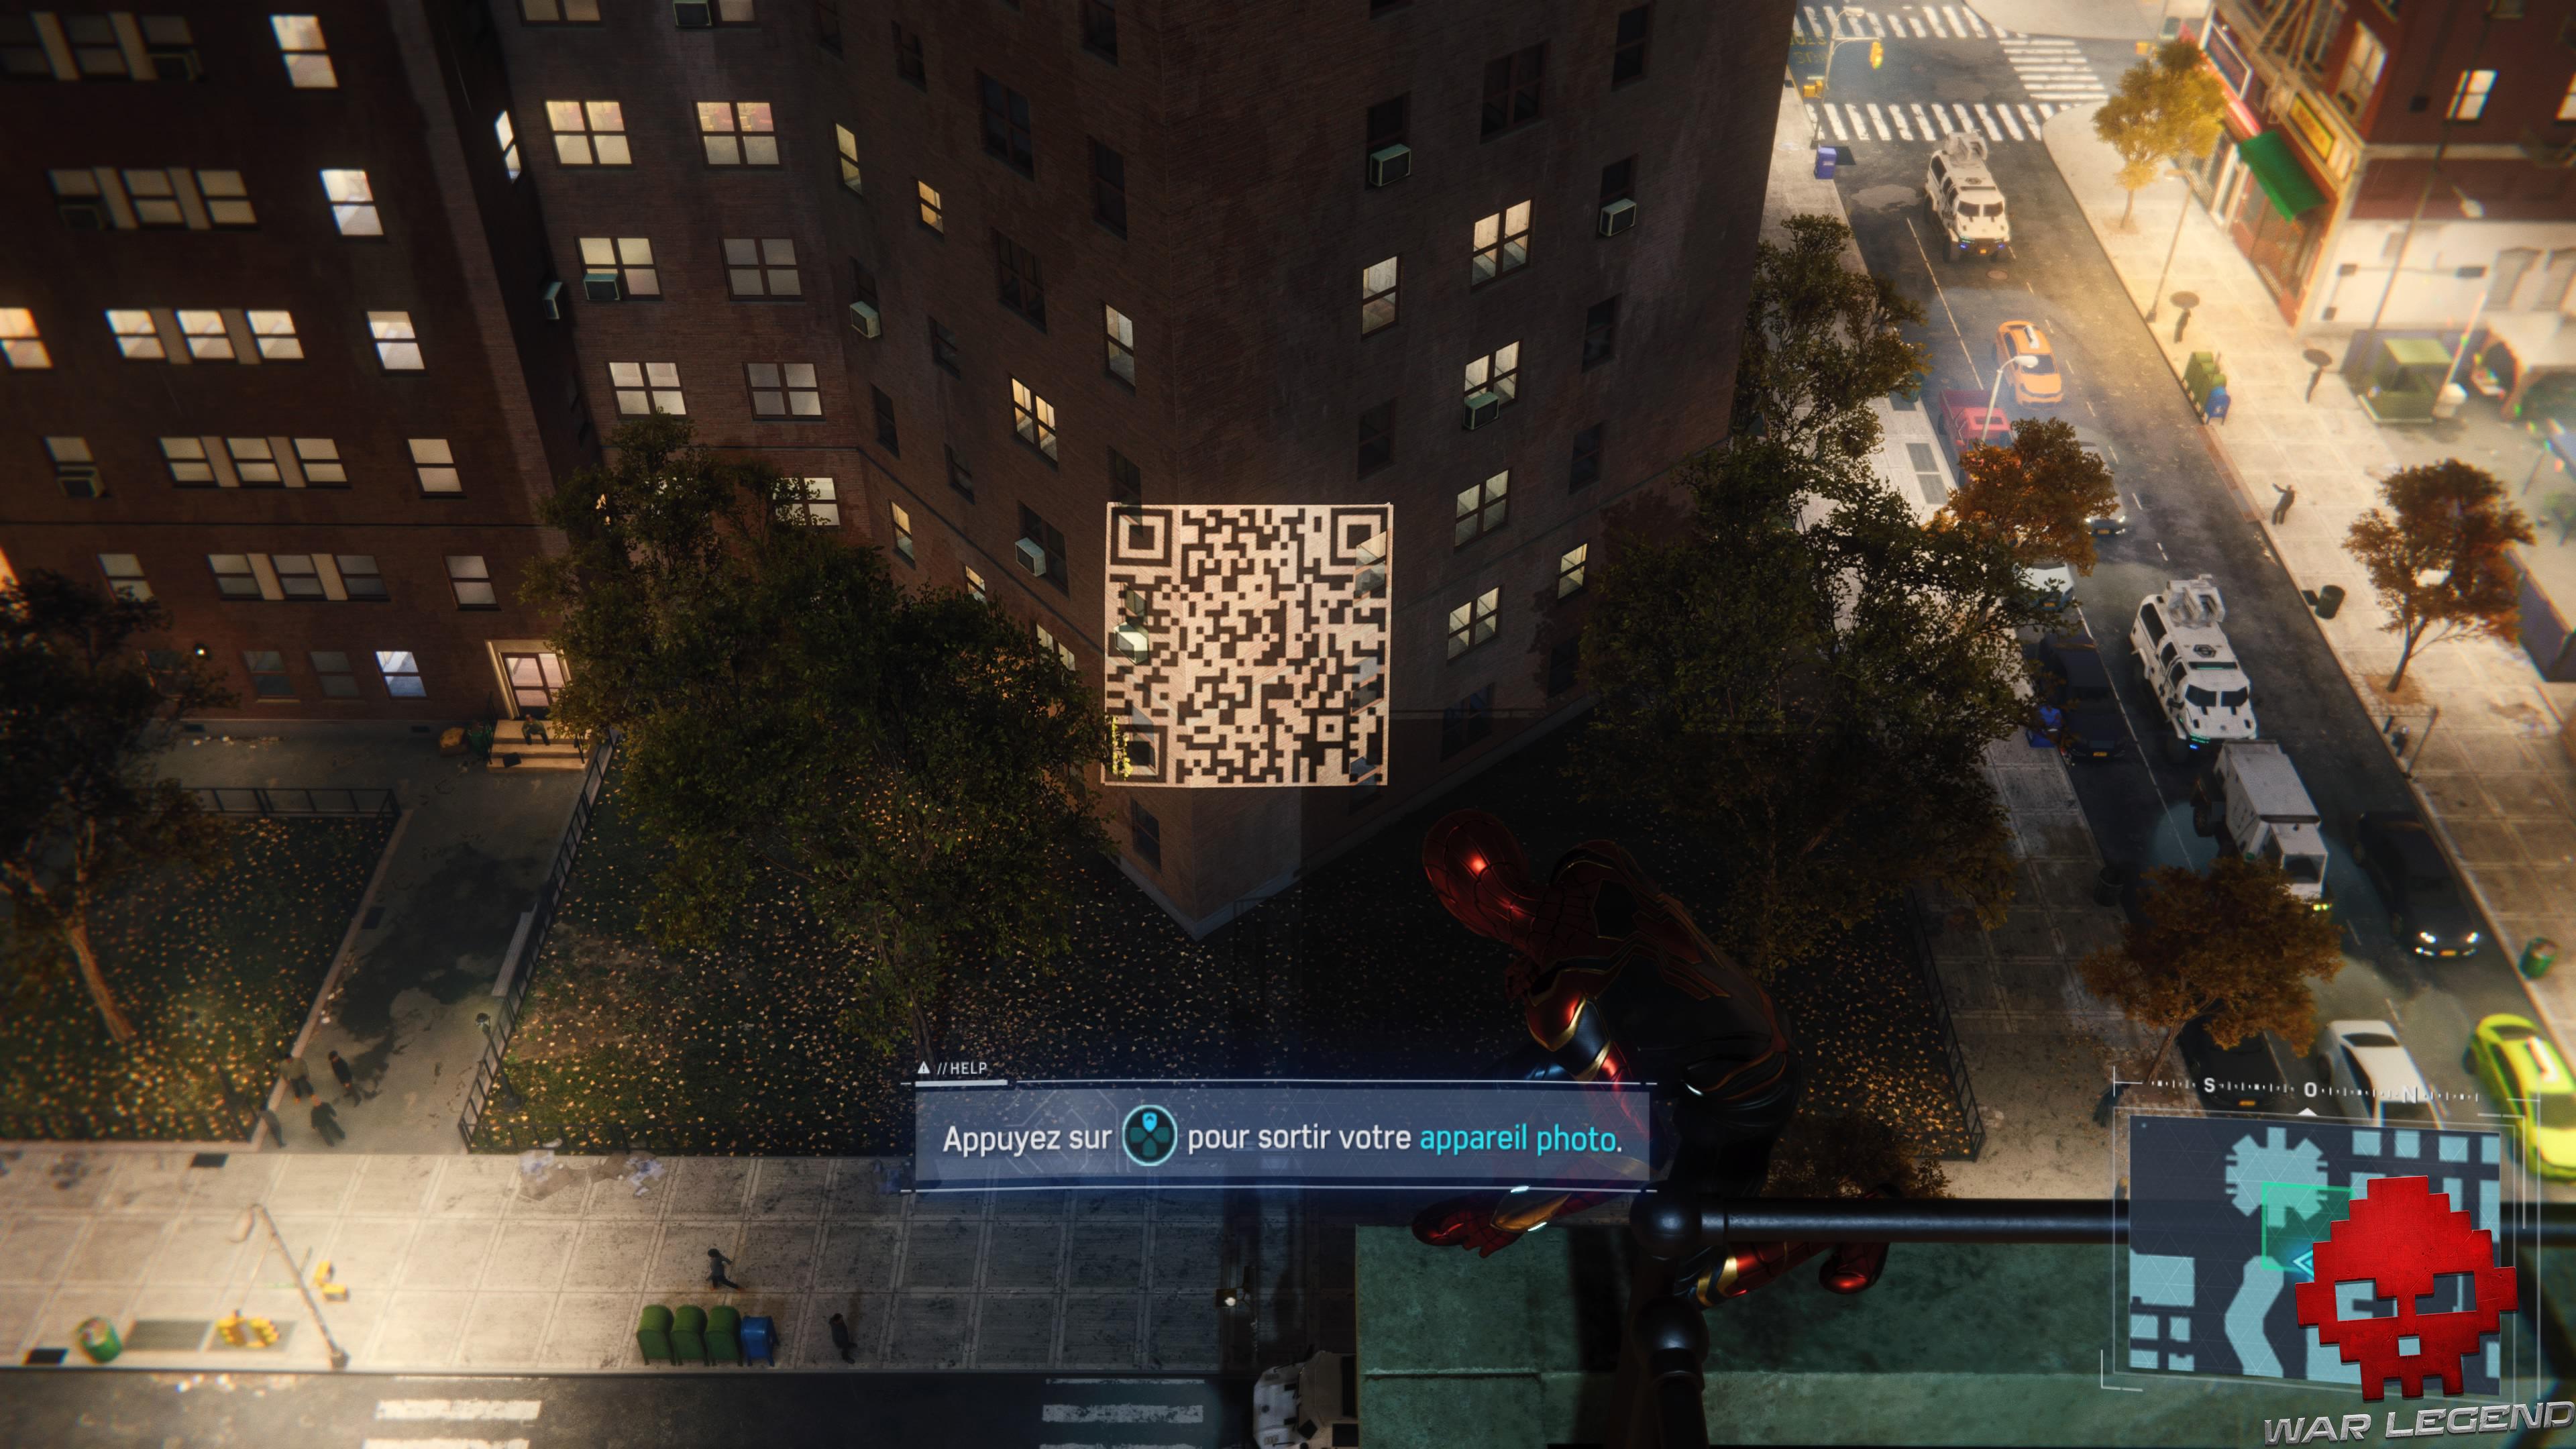 solution spider-man le feu des projecteurs - Spider-Man prend devant un QR Code